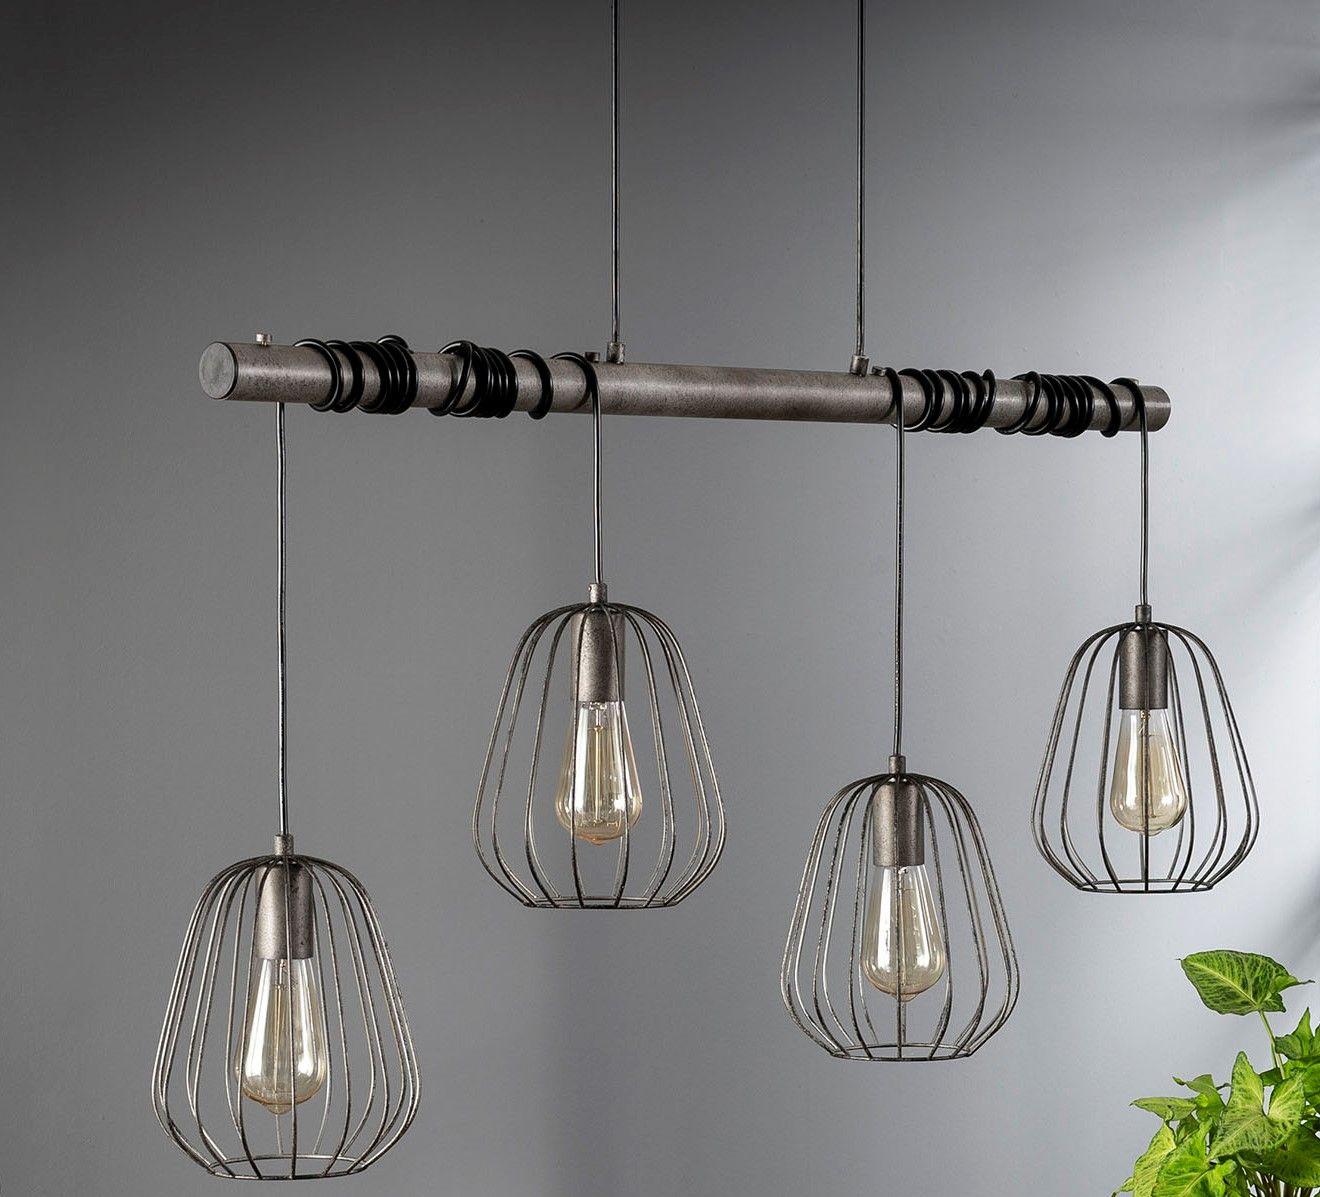 konstruktion zum aufhängen esszimmer lampen